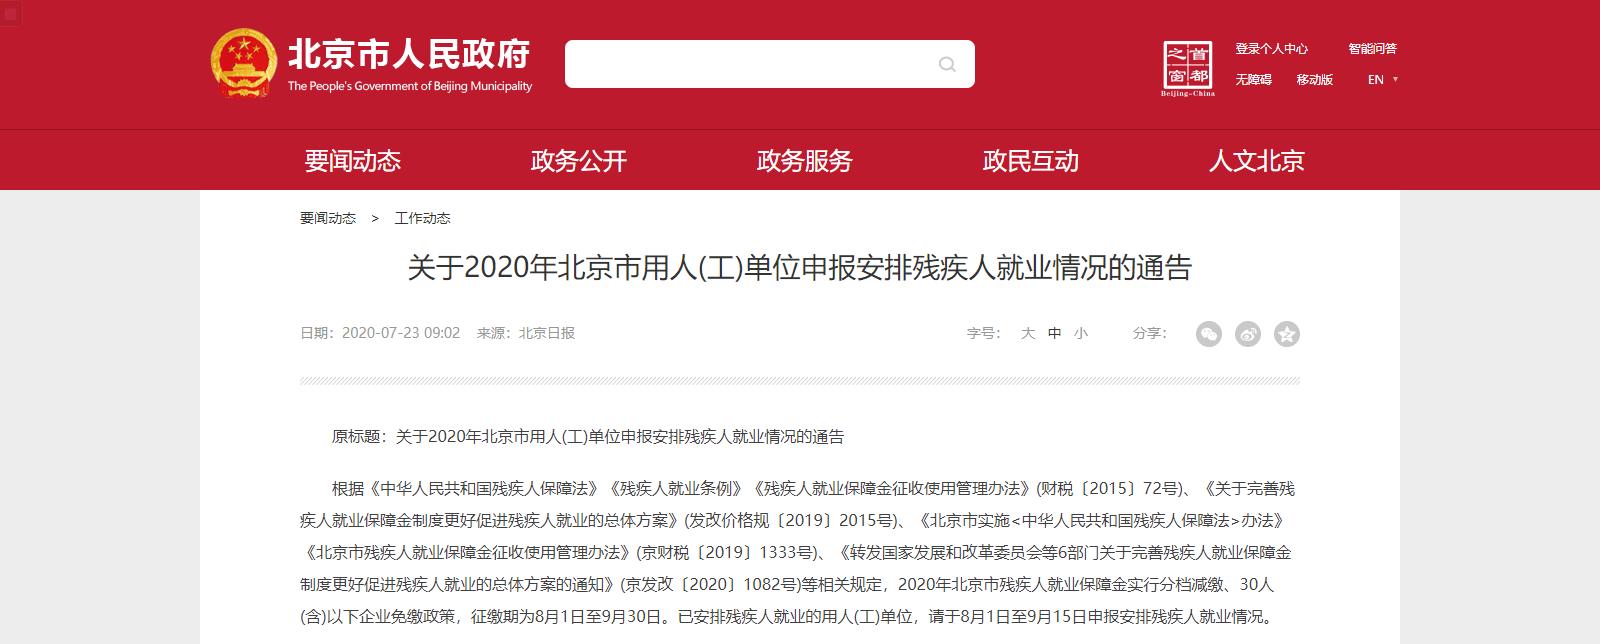 2020年北京市用人工单位申报安排残疾人就业情况的通告